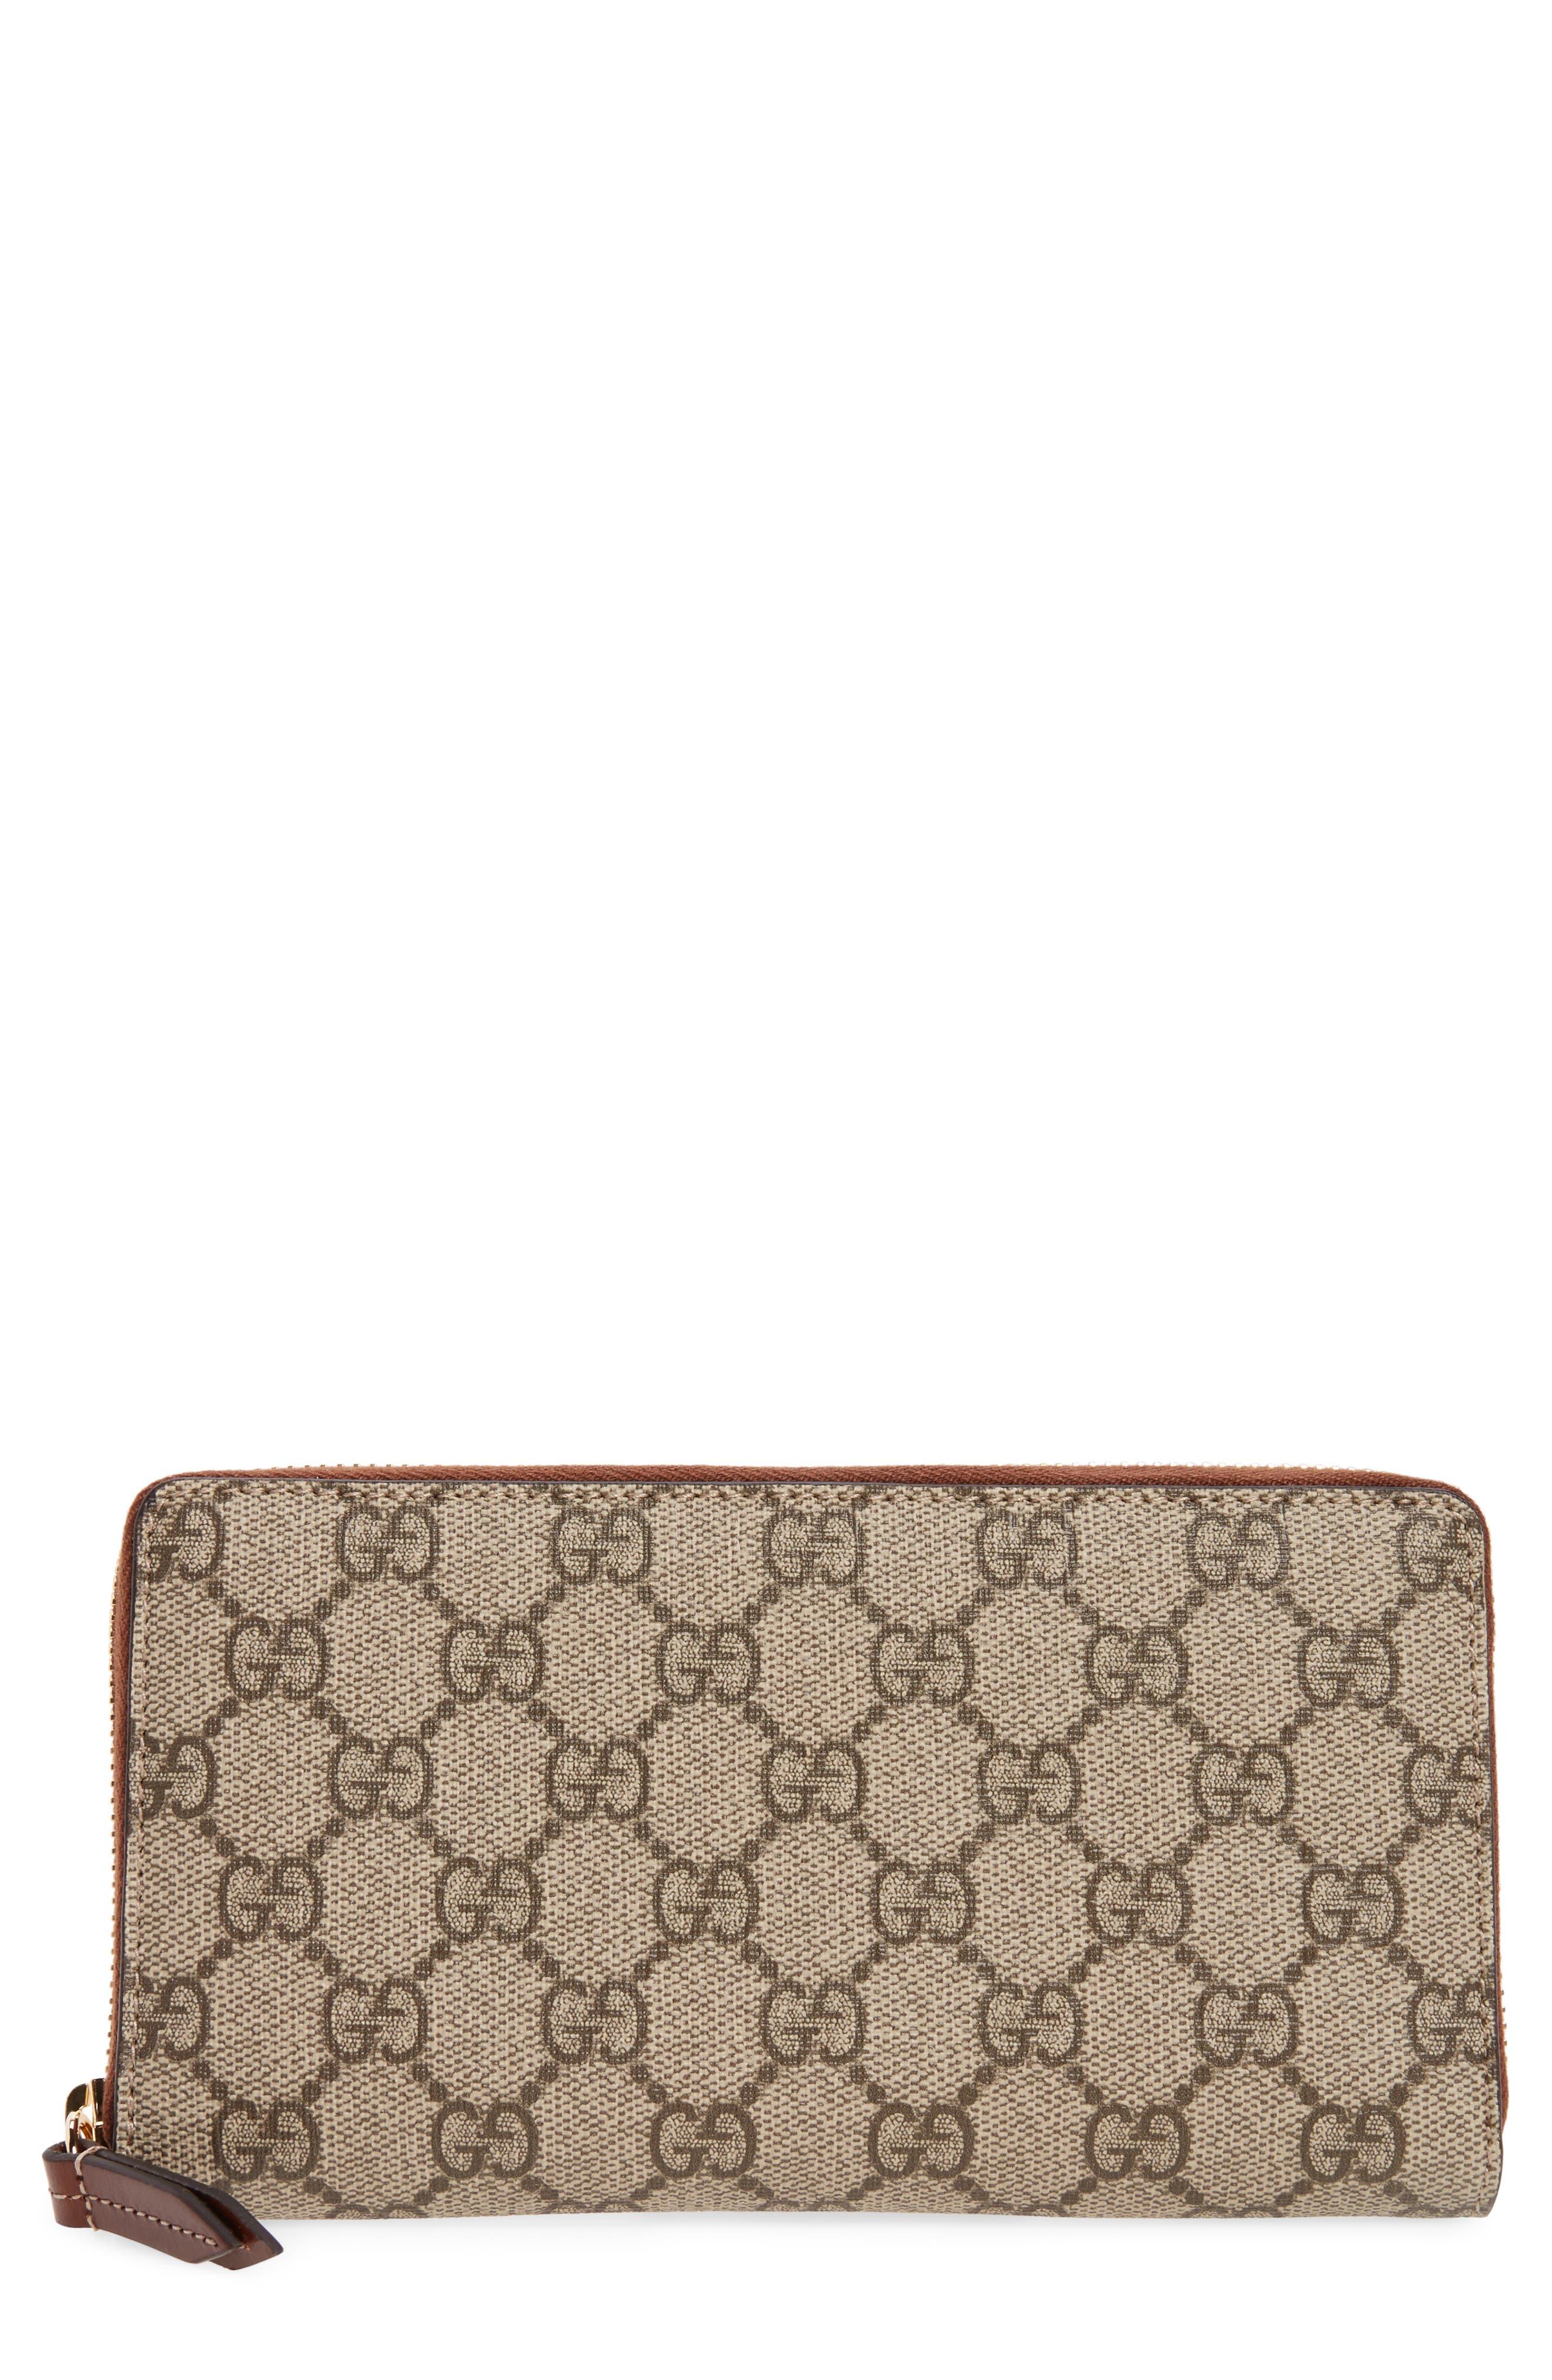 GG Supreme Zip Around Canvas Wallet,                         Main,                         color, Beige/Ebony/Cuir